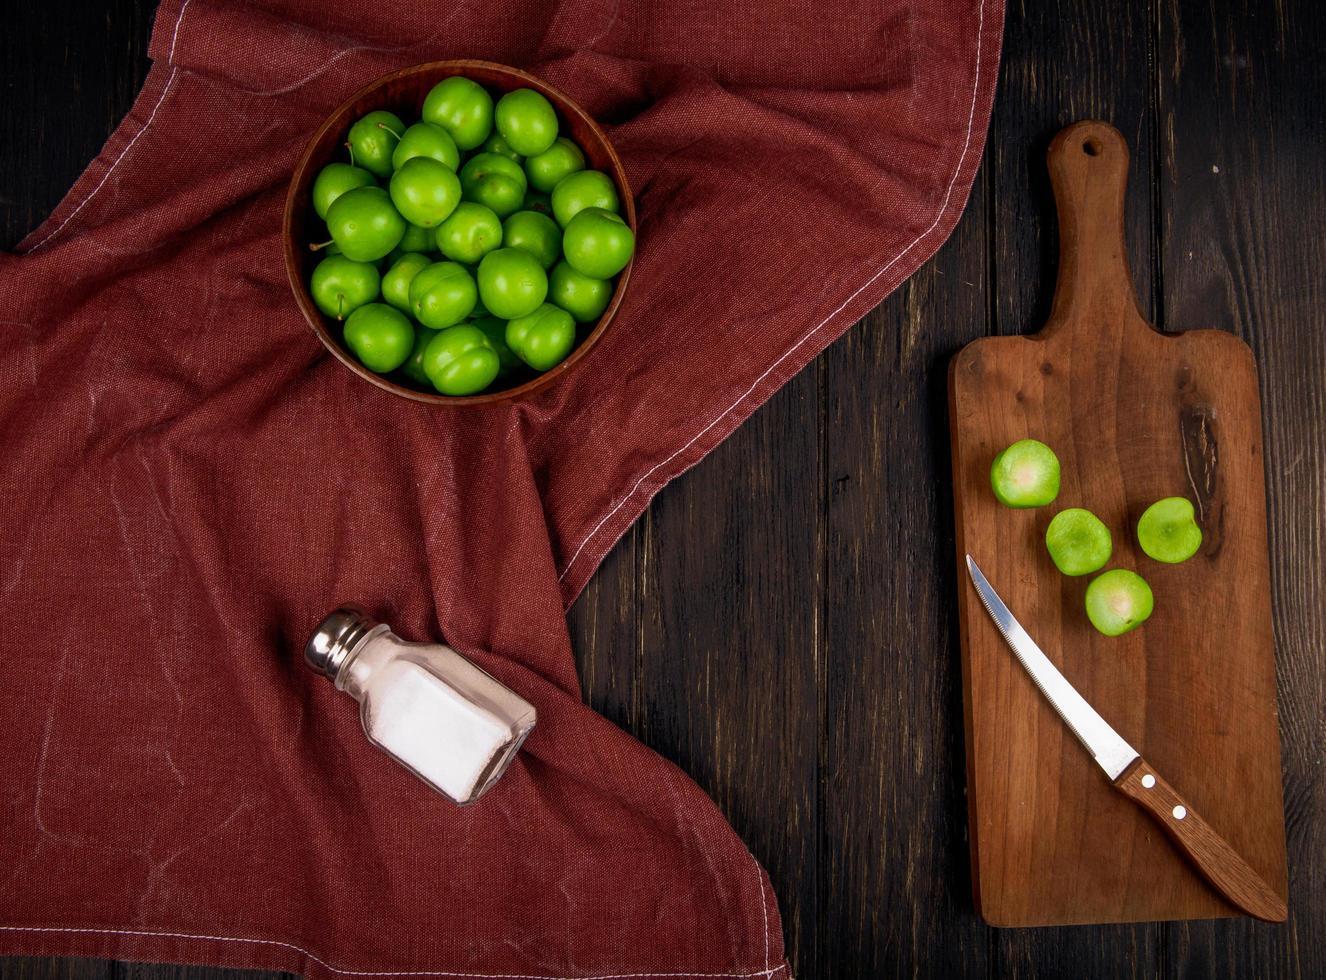 Vue de dessus des prunes vertes aigres dans un bol et des prunes tranchées sur une planche à découper en bois photo